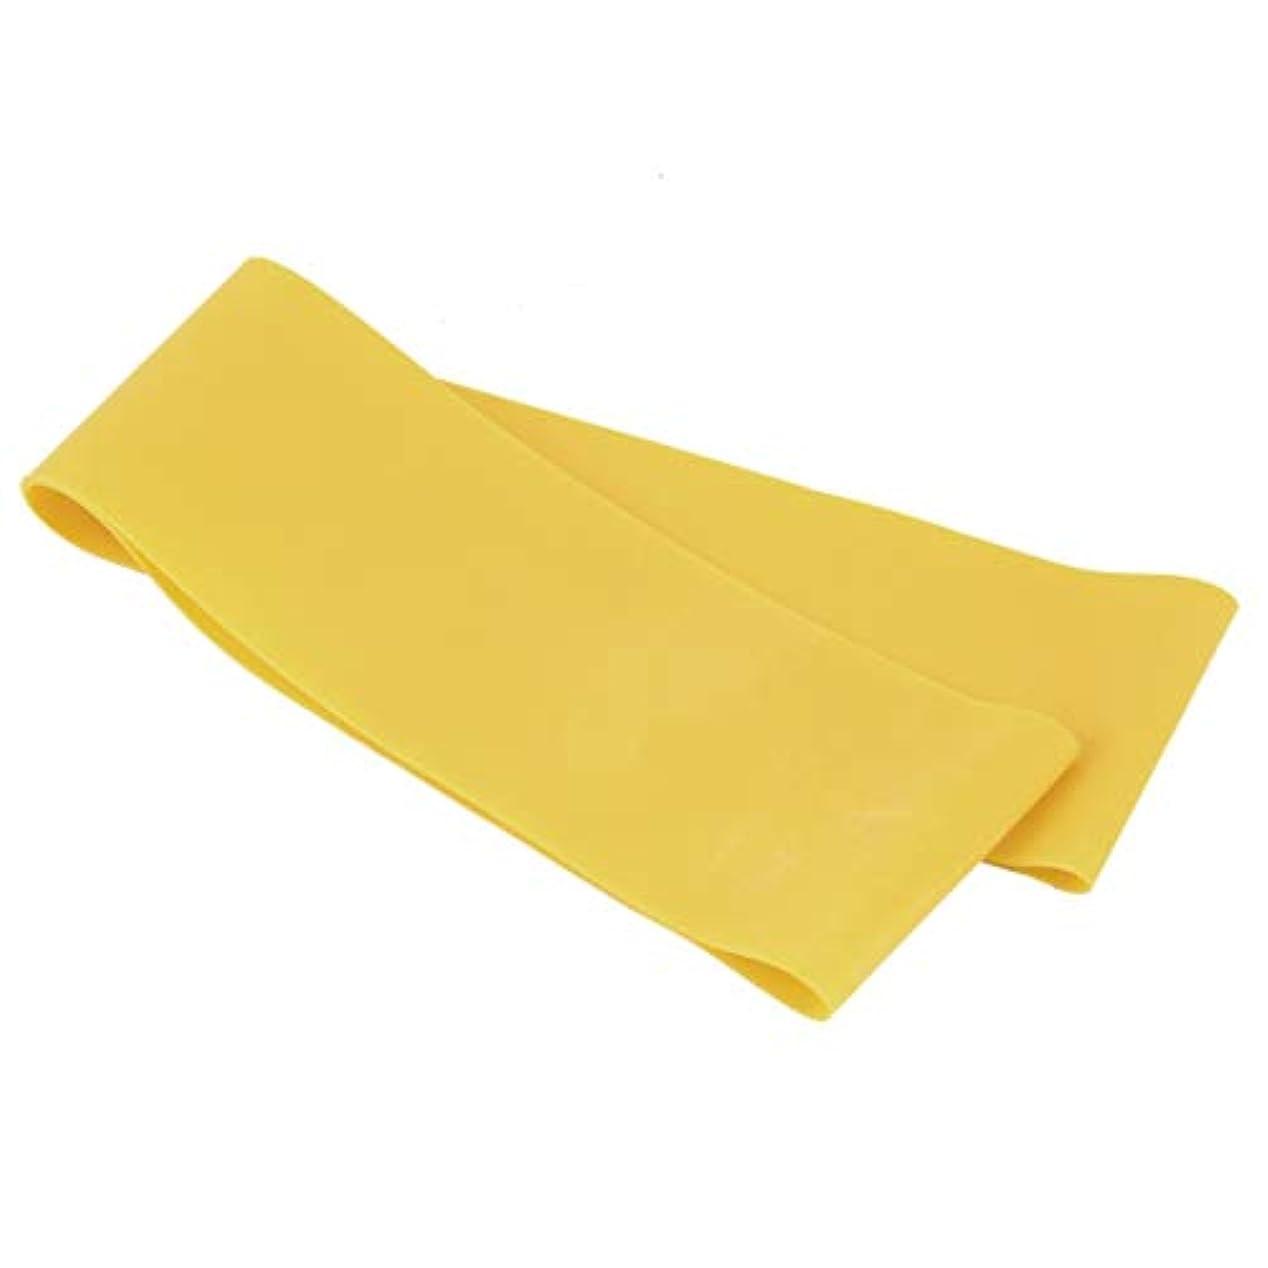 標高苦しめる繁雑滑り止めの伸縮性のあるゴム製伸縮性があるヨガのベルトバンド引きロープの張力抵抗バンドループ強さのためのフィットネスヨガツール - 黄色